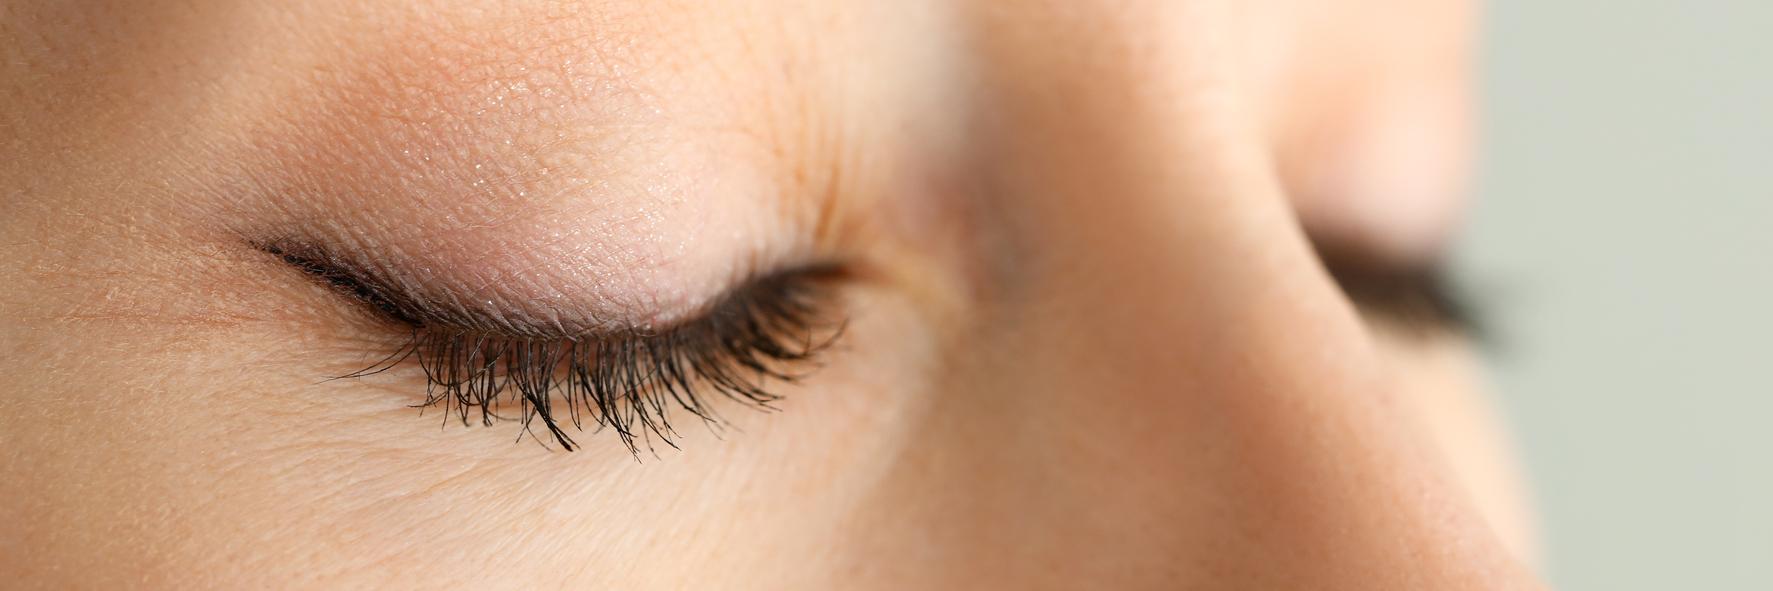 Mouvements oculaires